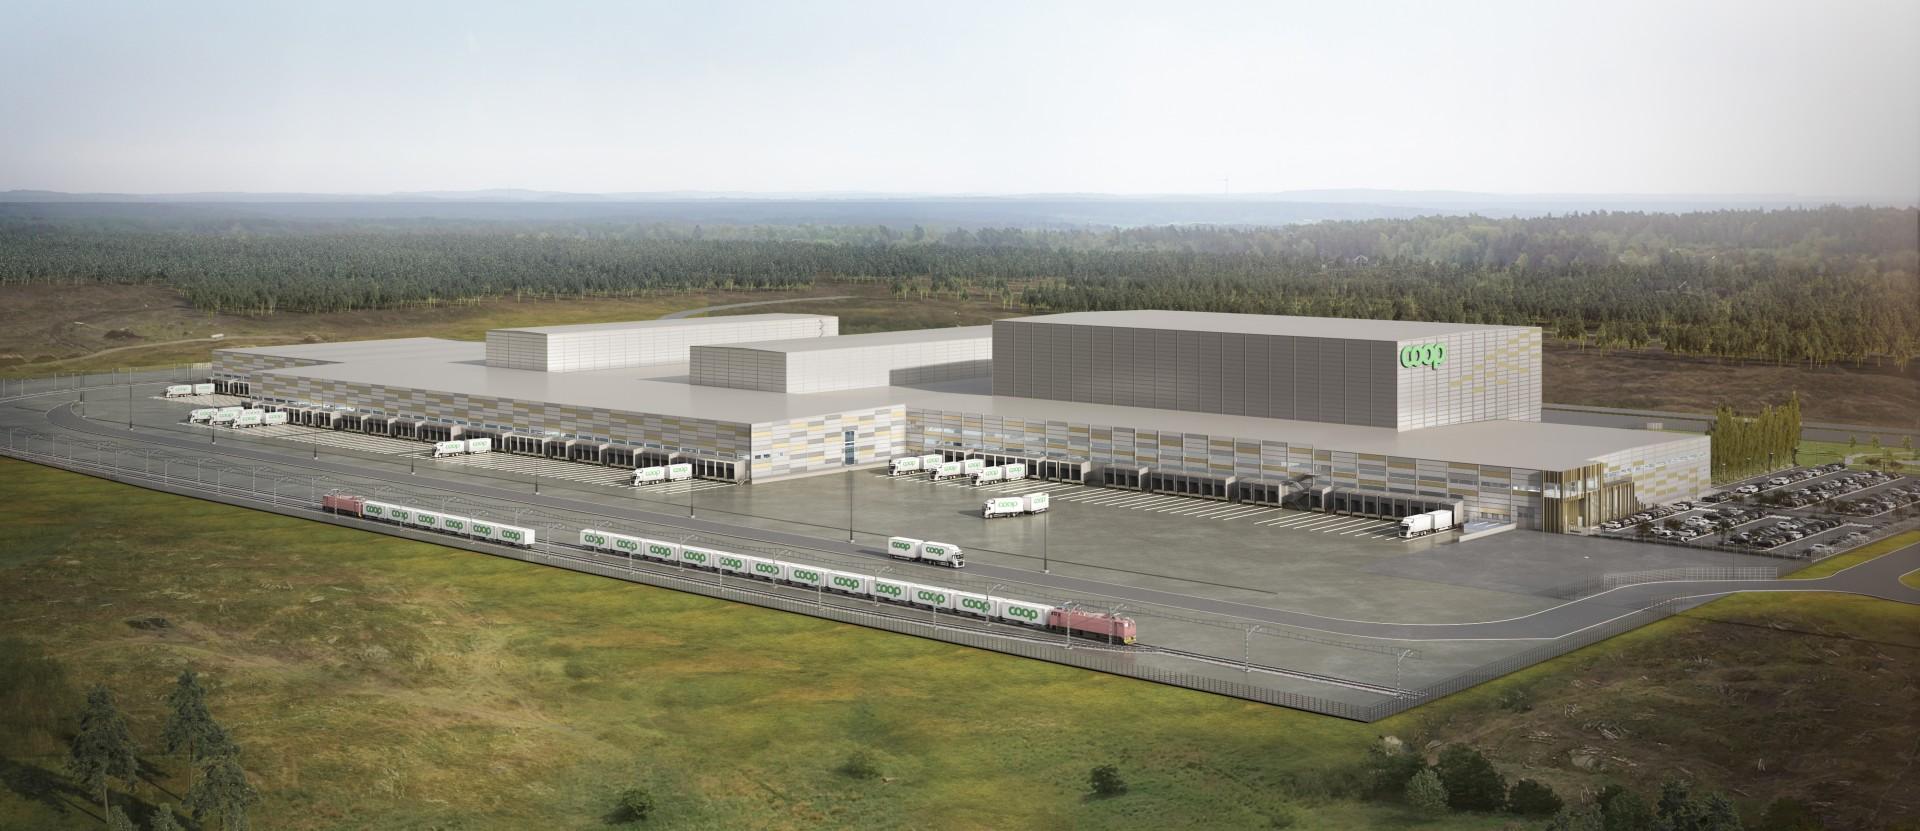 På tomten kommer Coop att bygga två egna tågspår på 1 km. Bild: Coop